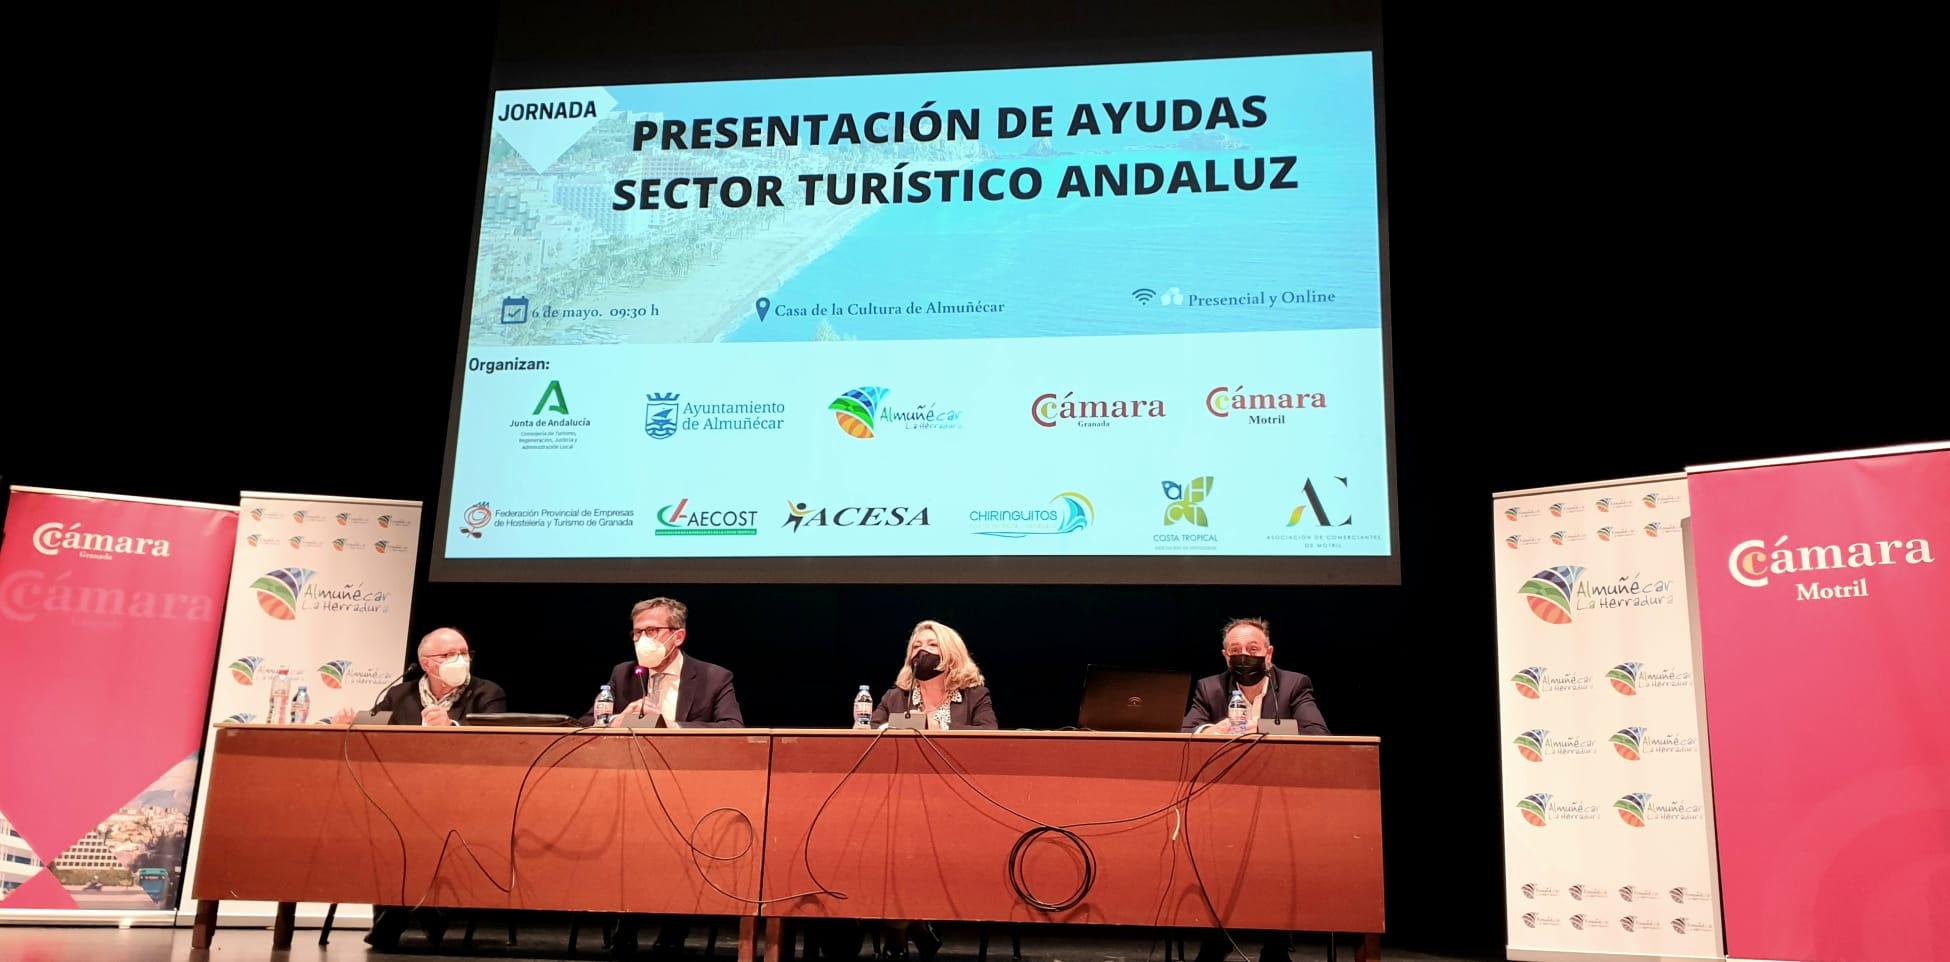 La Junta presenta en Almuñecar la ayudas a empresas turísticas para mantener el empleo y la actividad